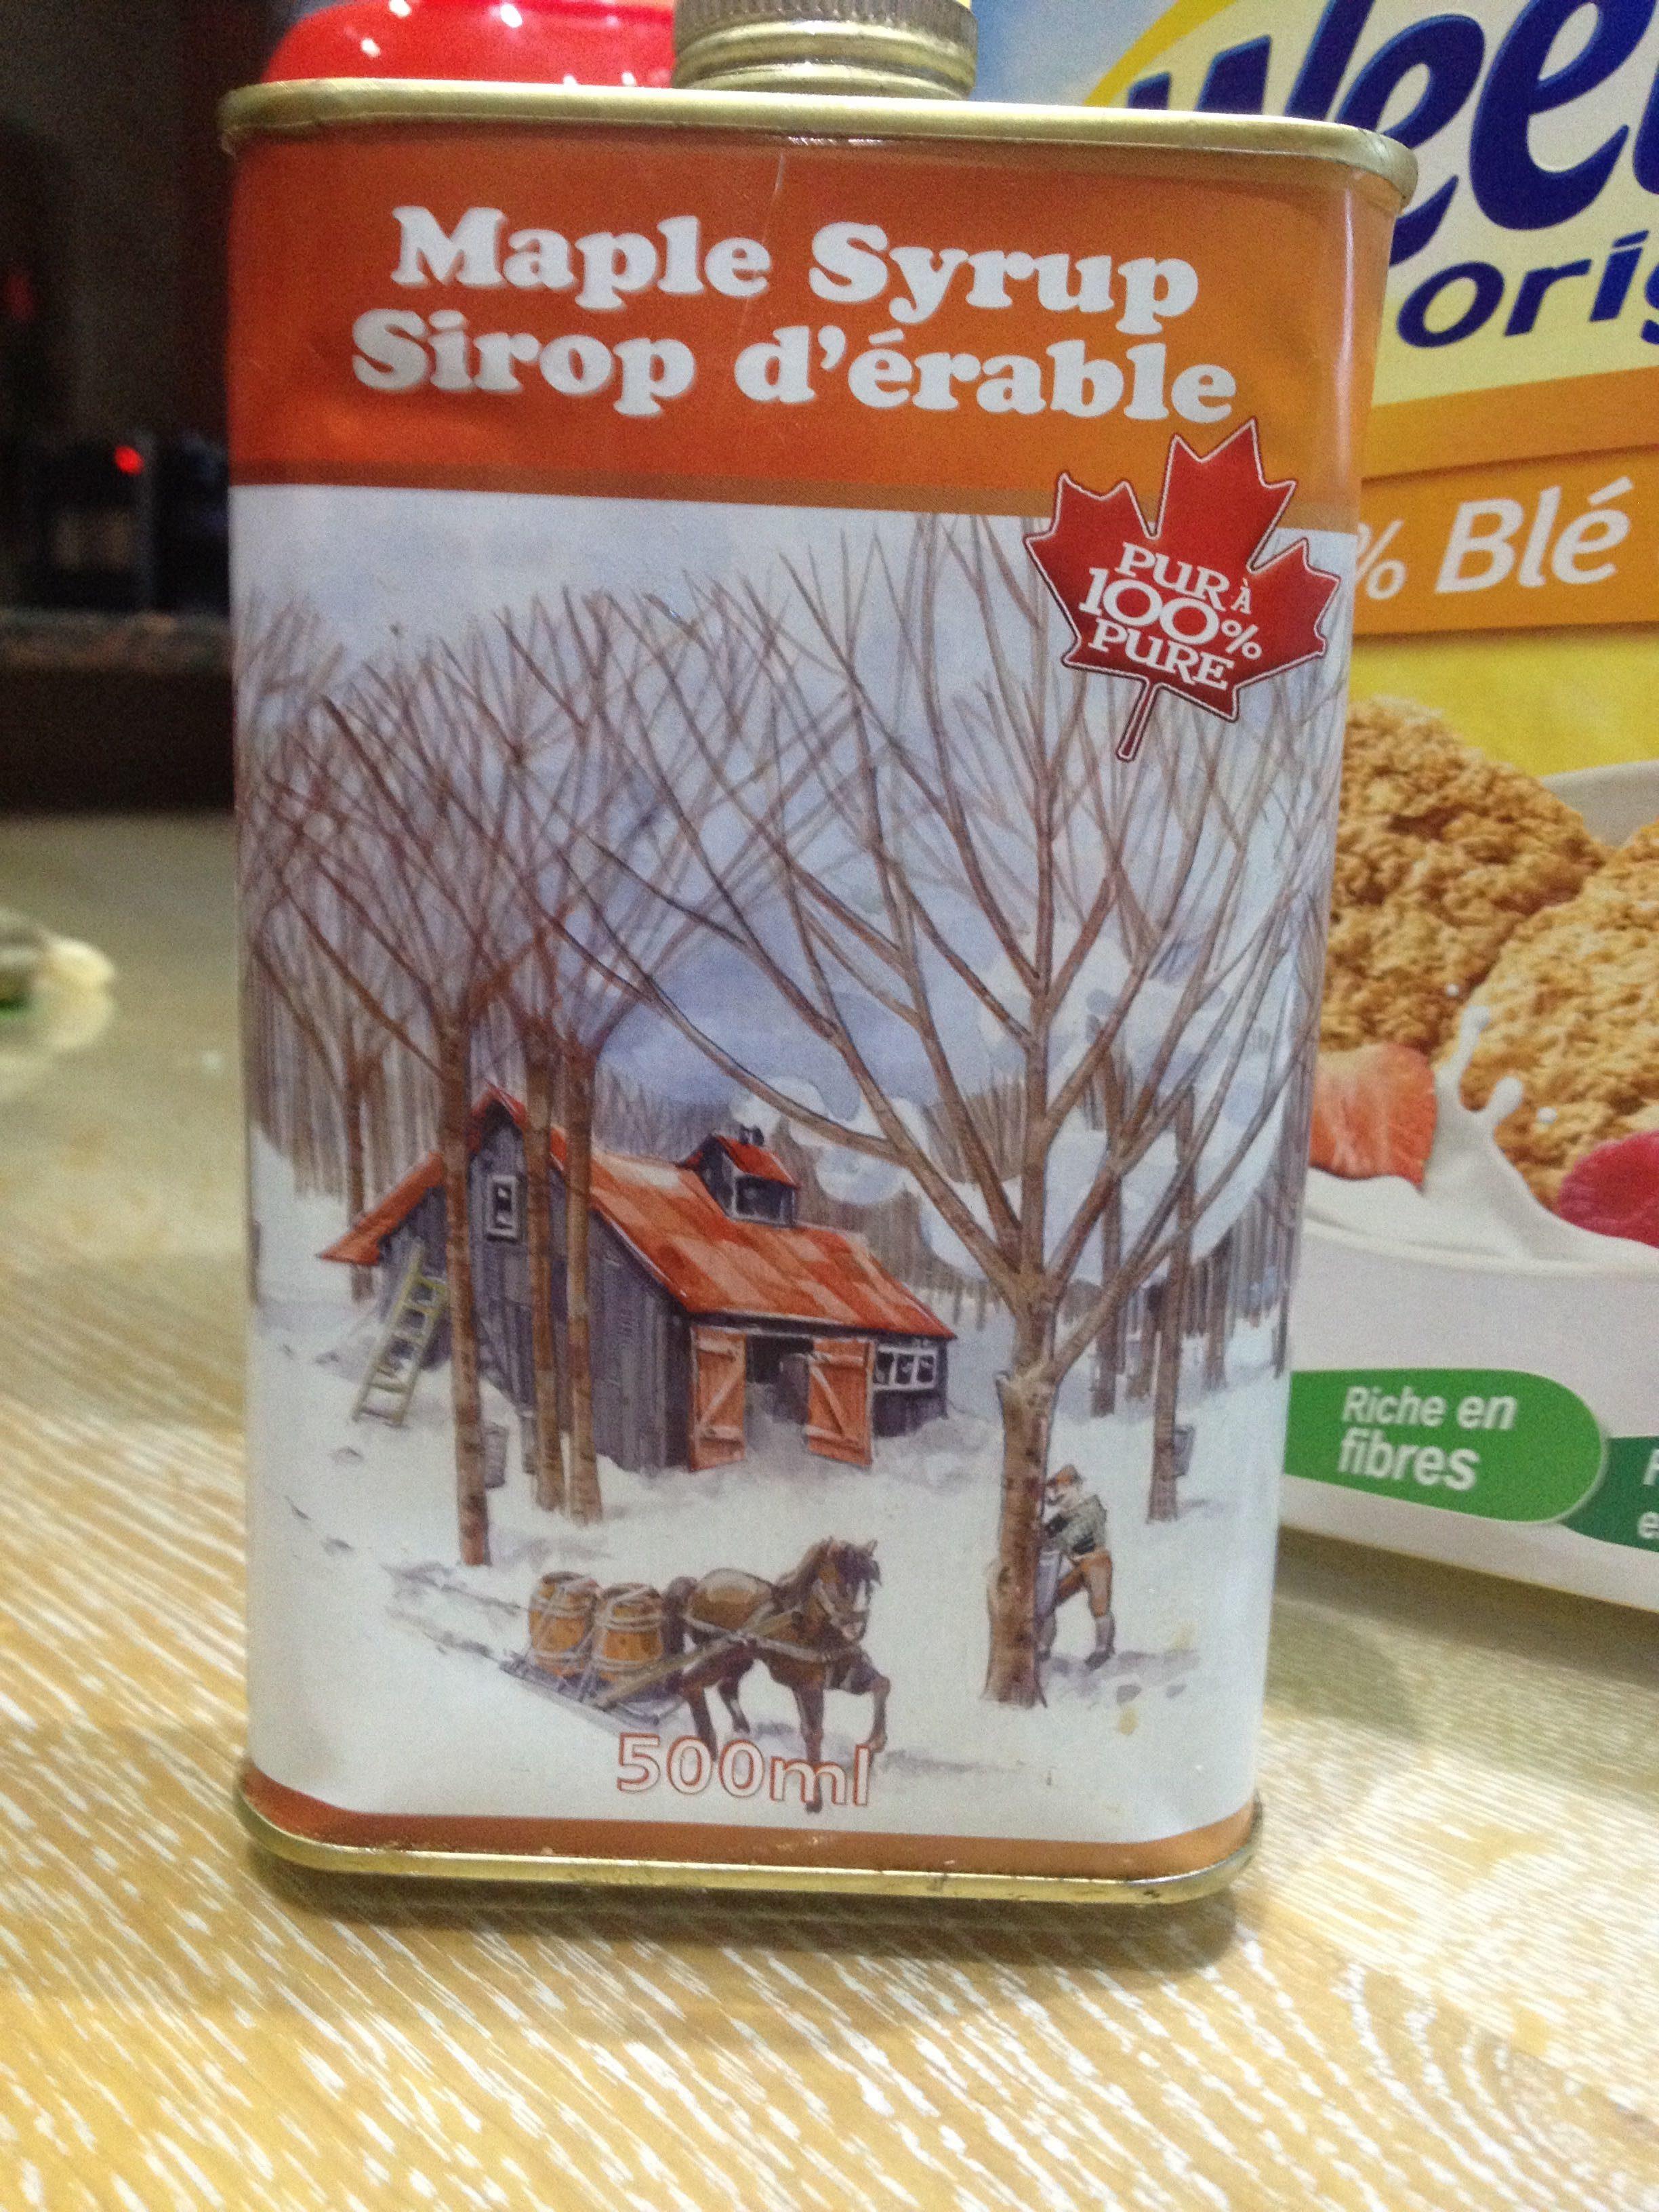 Maple syrusp sirop d'érable - Produit - fr